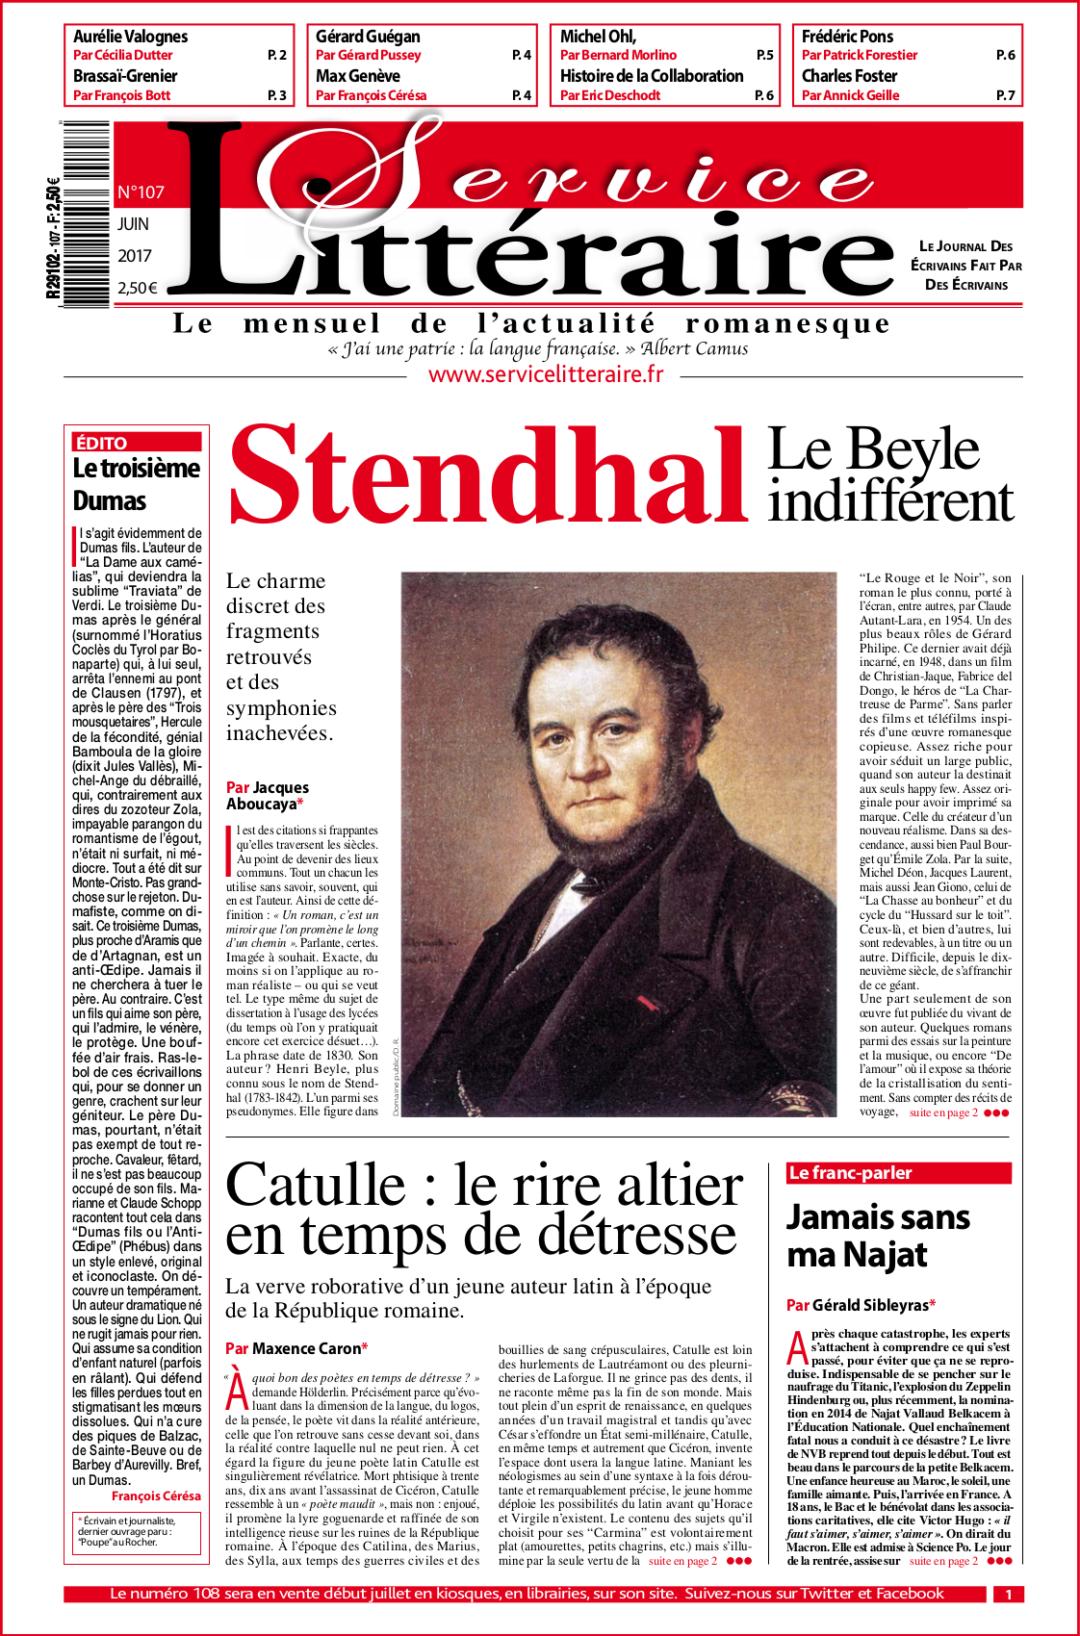 Stendhal une 107 juin 2017